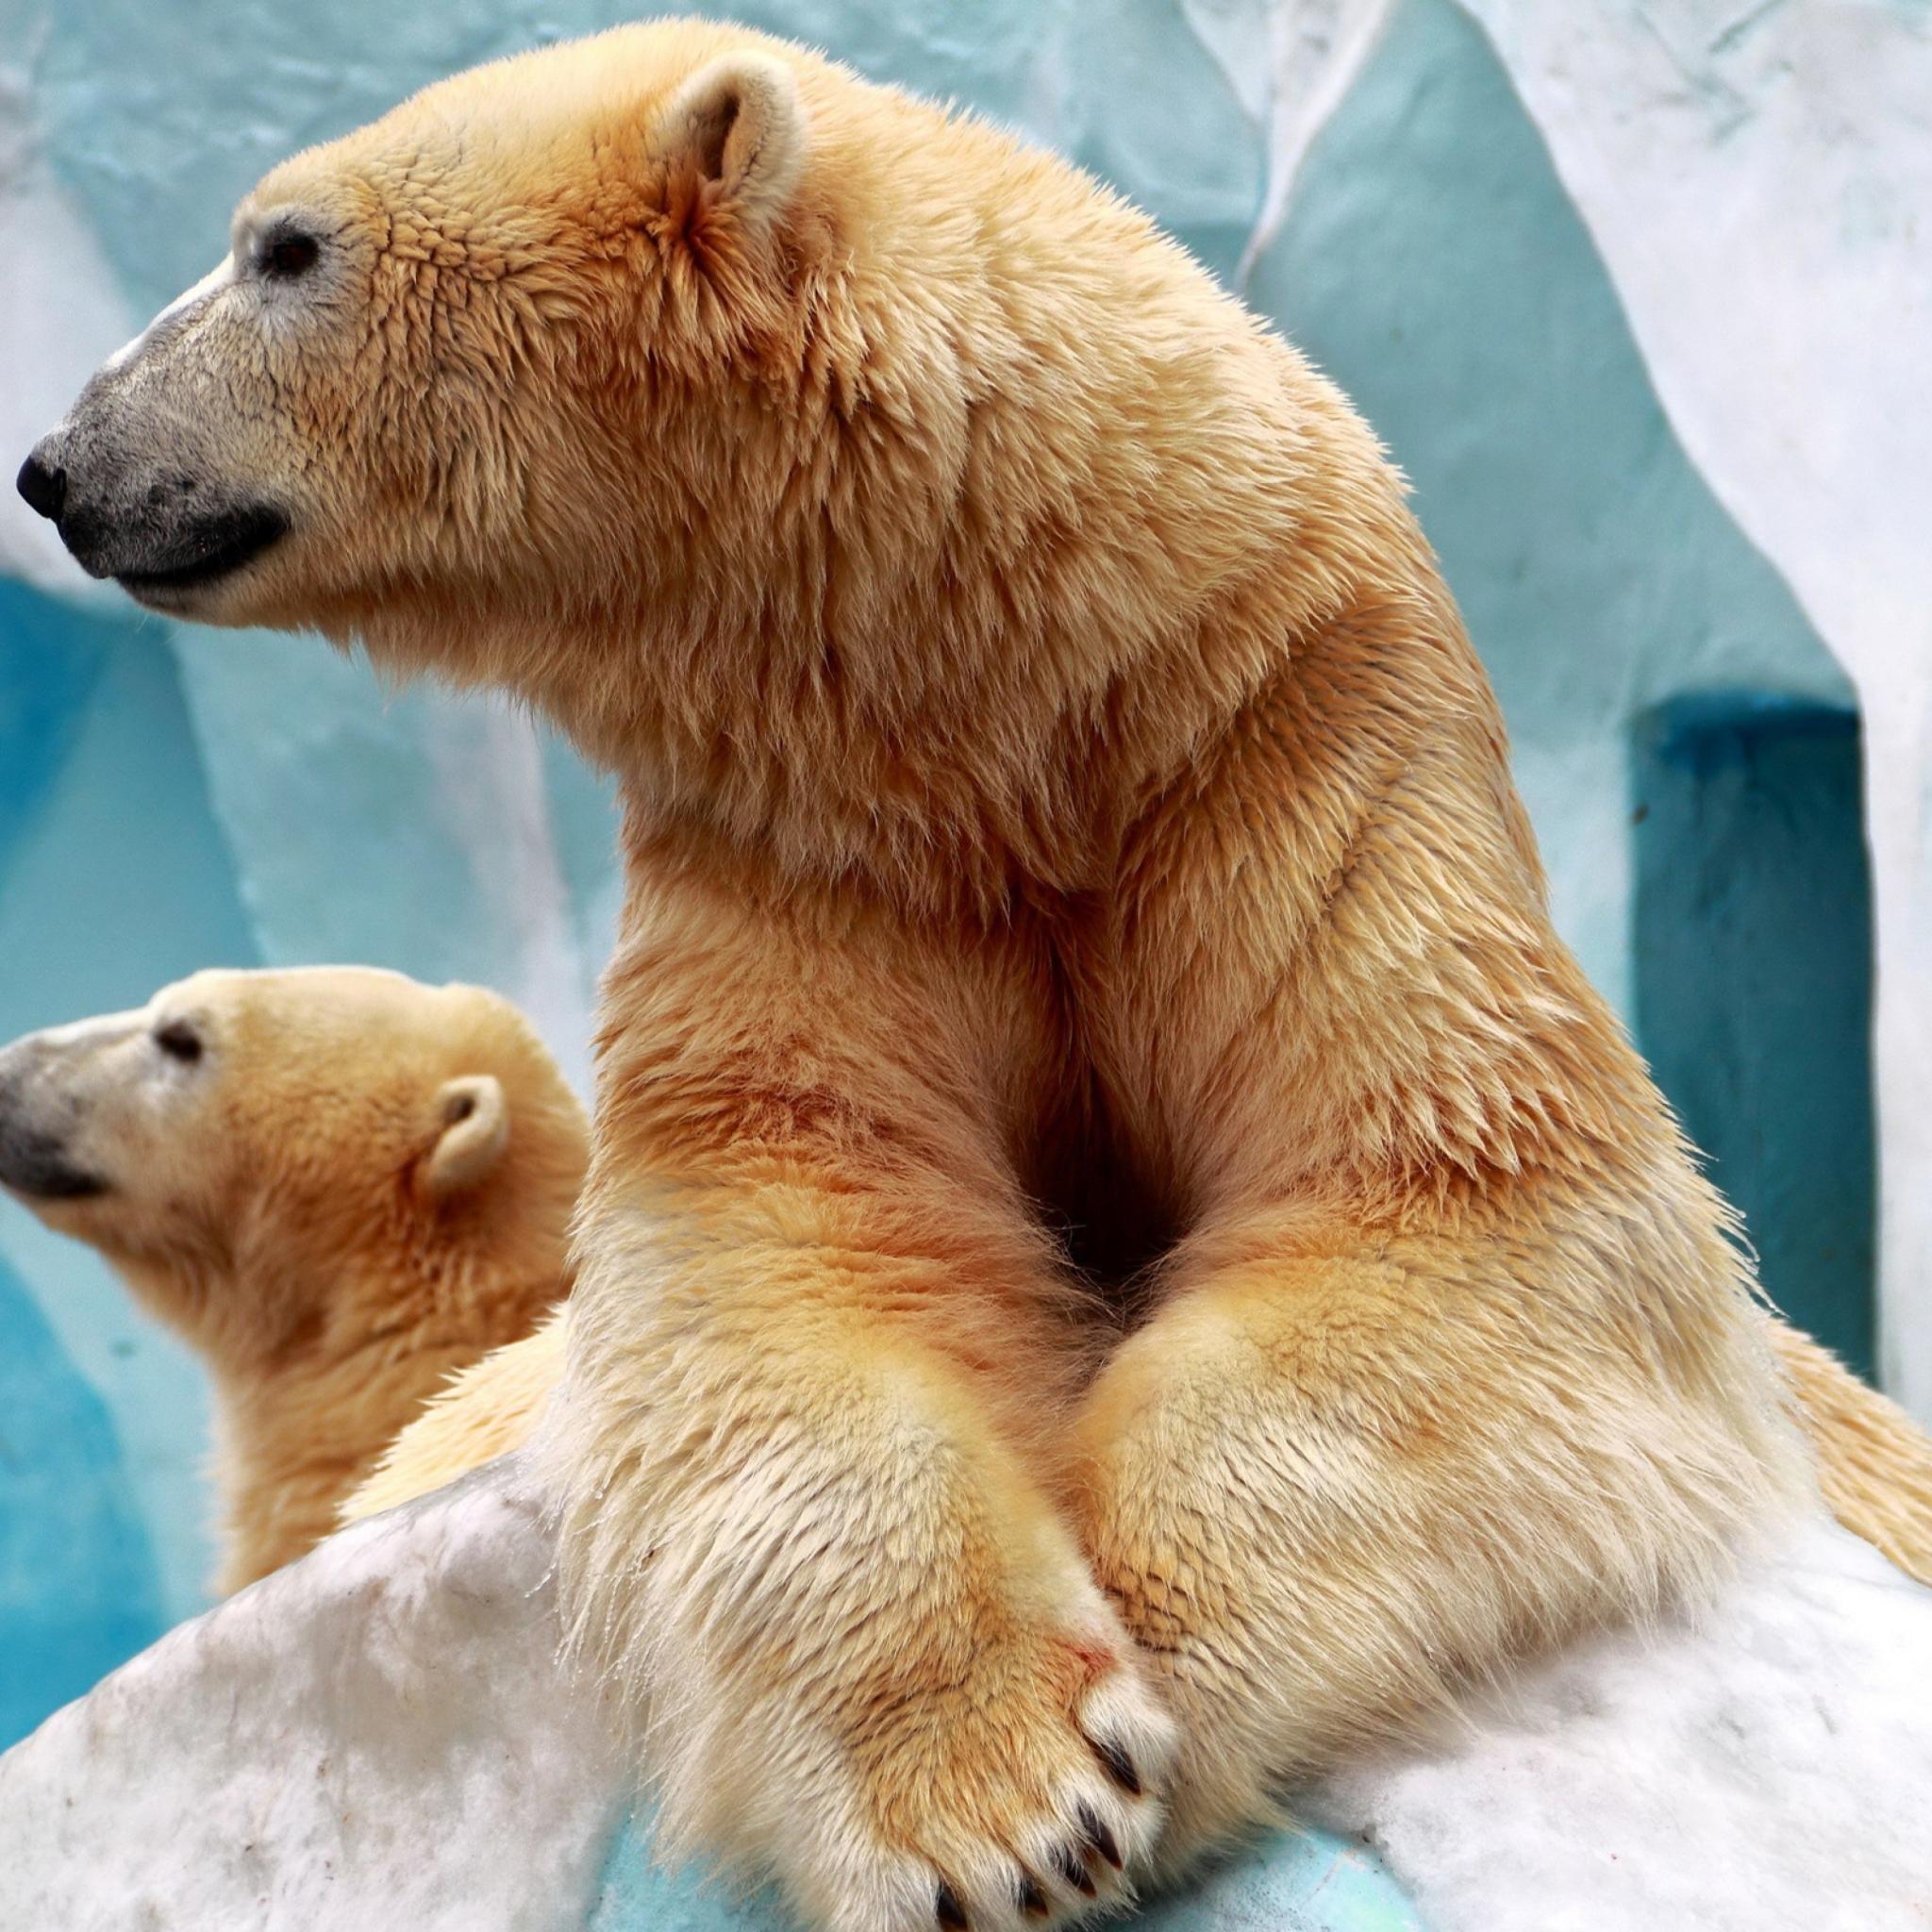 Картинки медведей для телефона